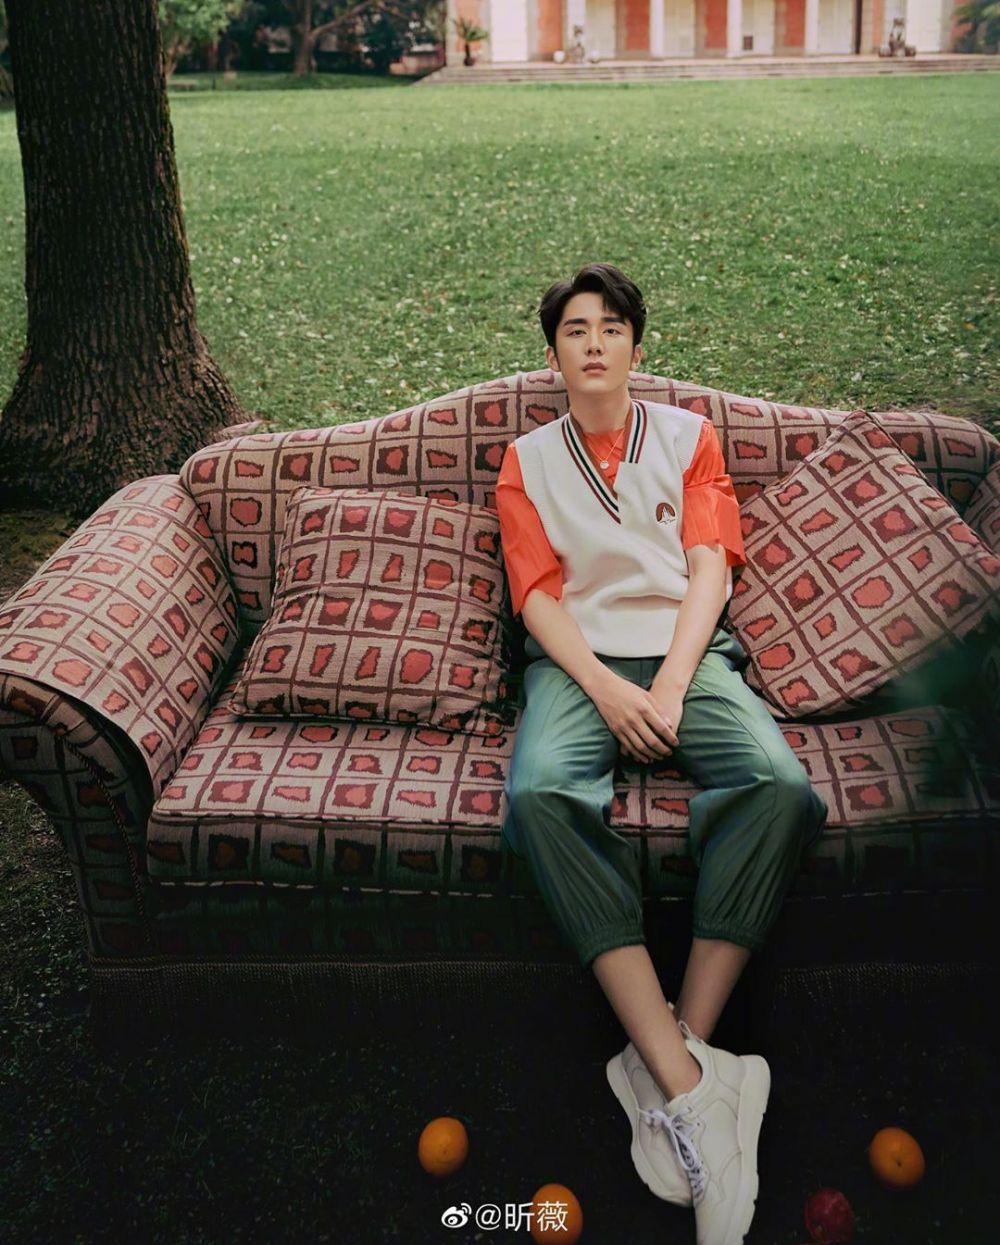 10 Pesona Steven Zhang, Pemeran He Ziqiu di Drama China 'Go Ahead'